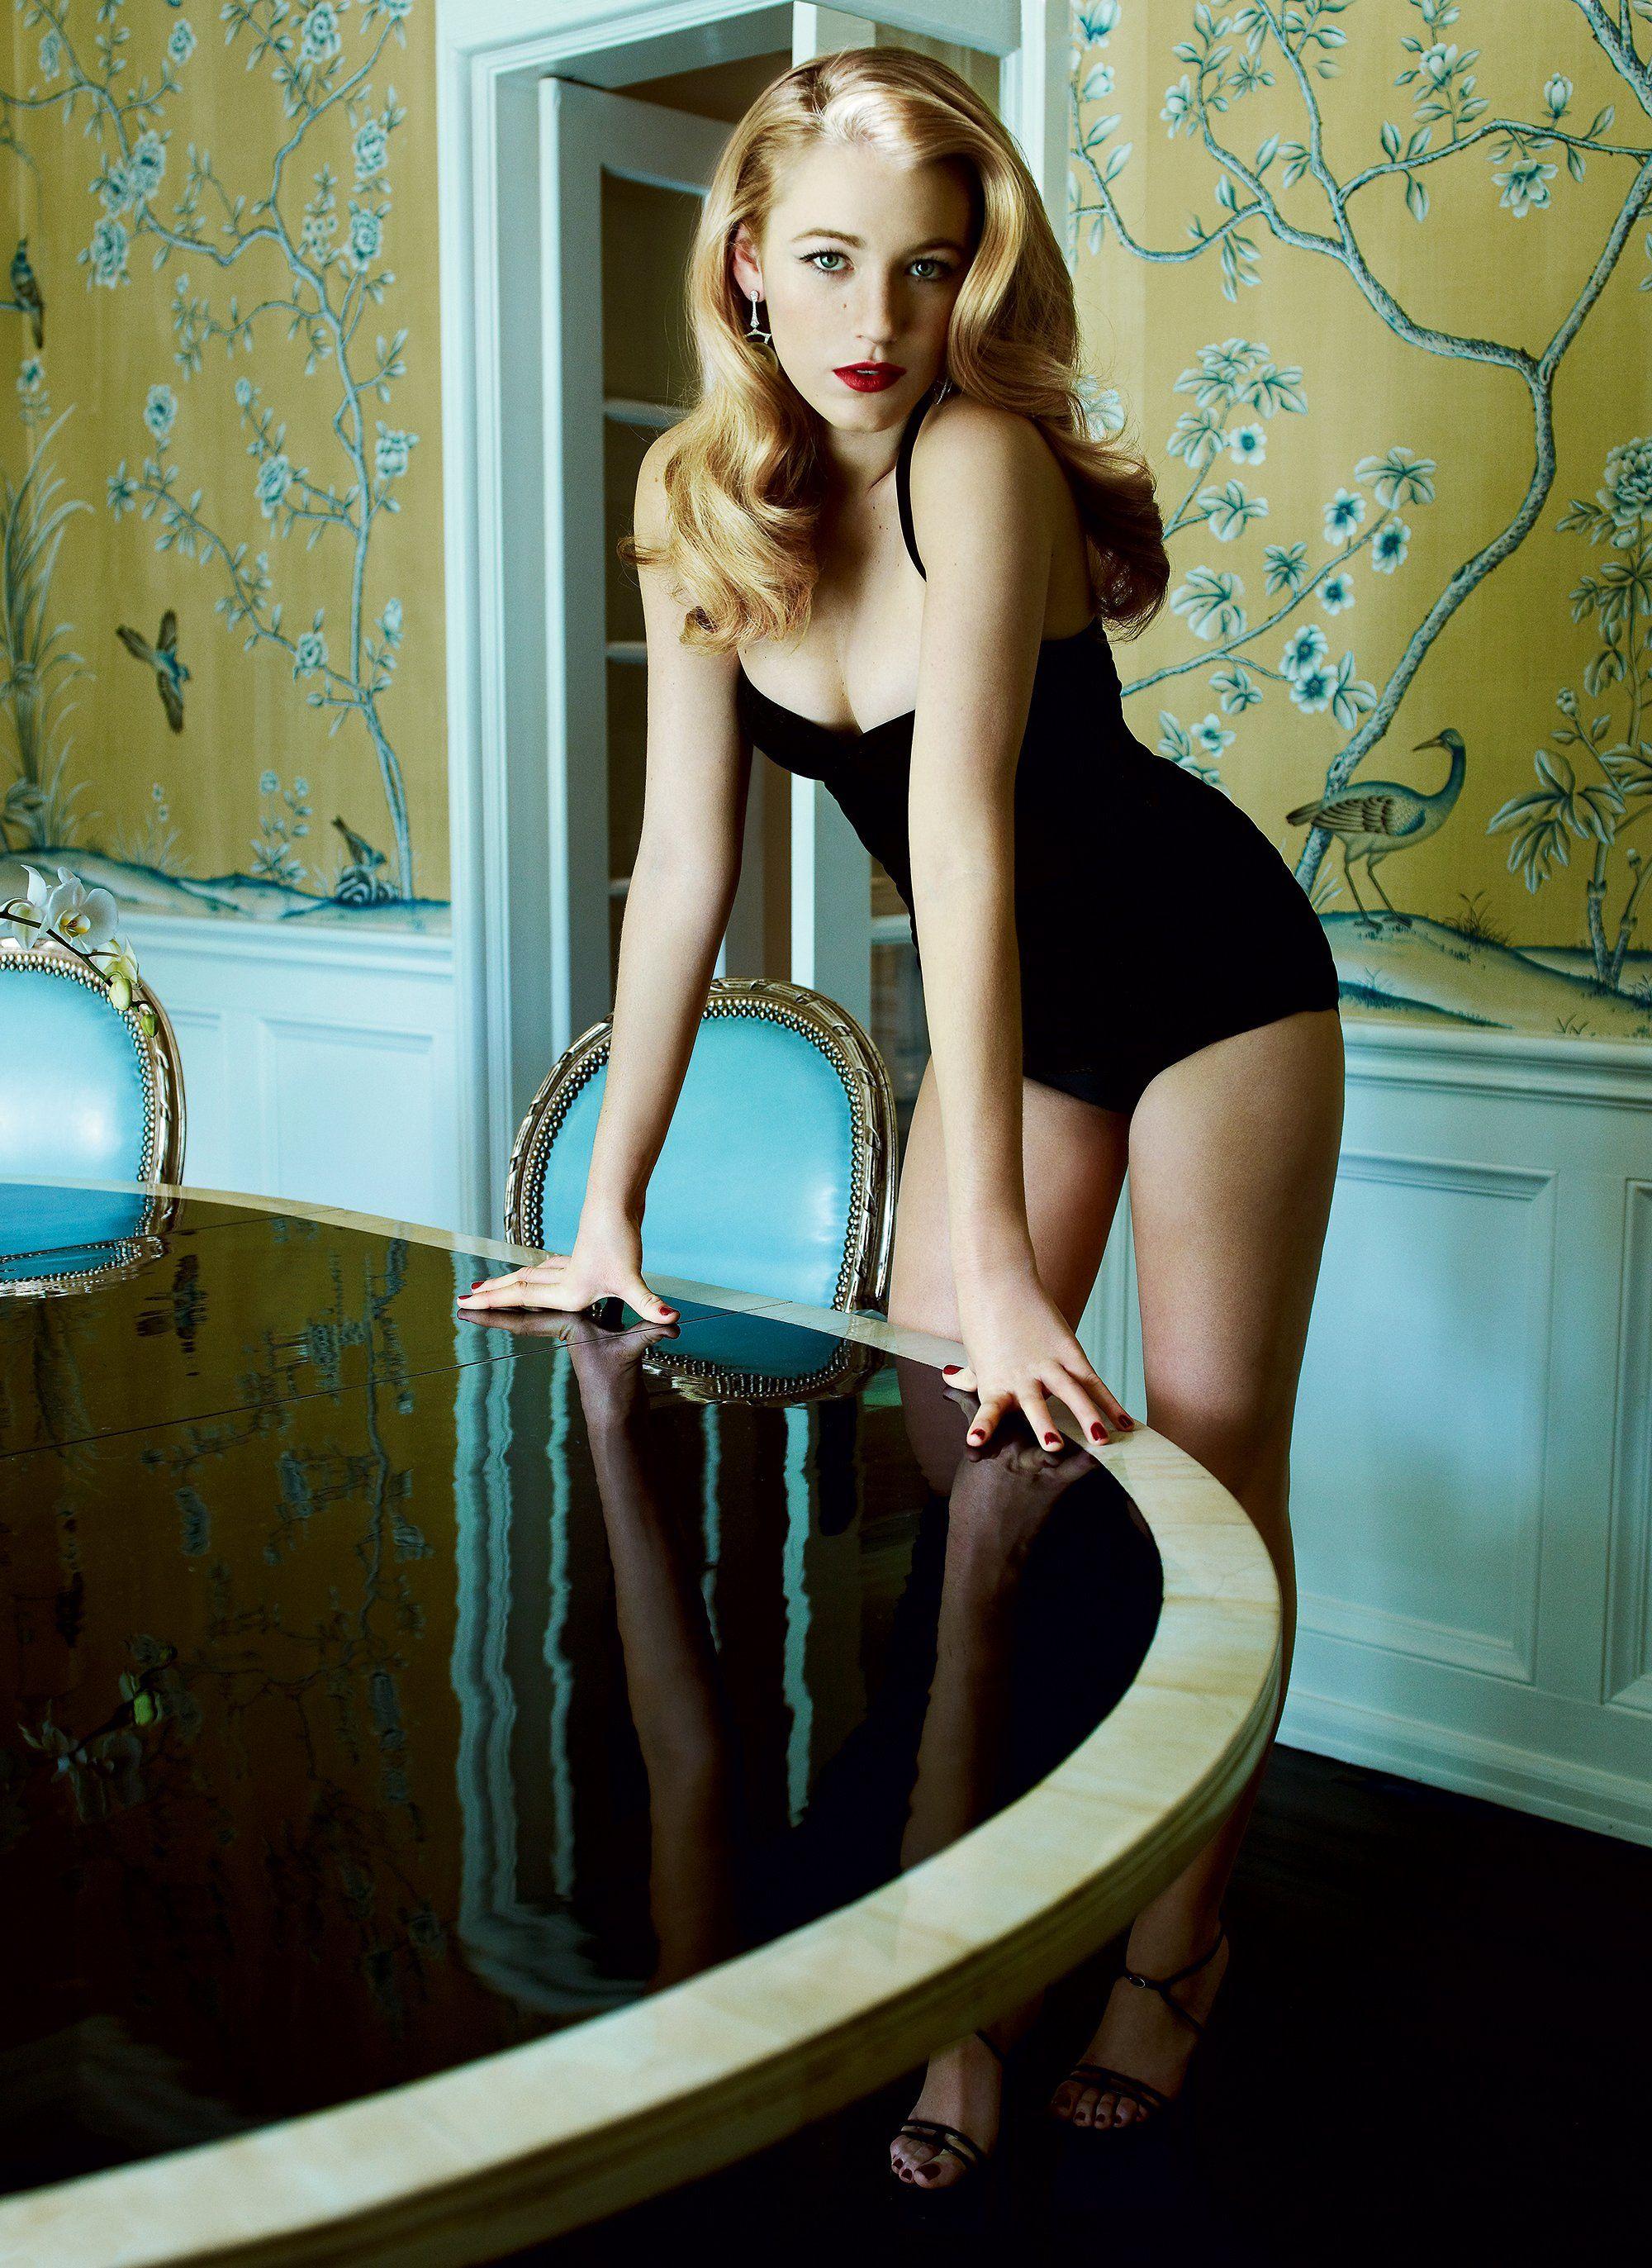 ICloud Julia Kovalchuk nude photos 2019